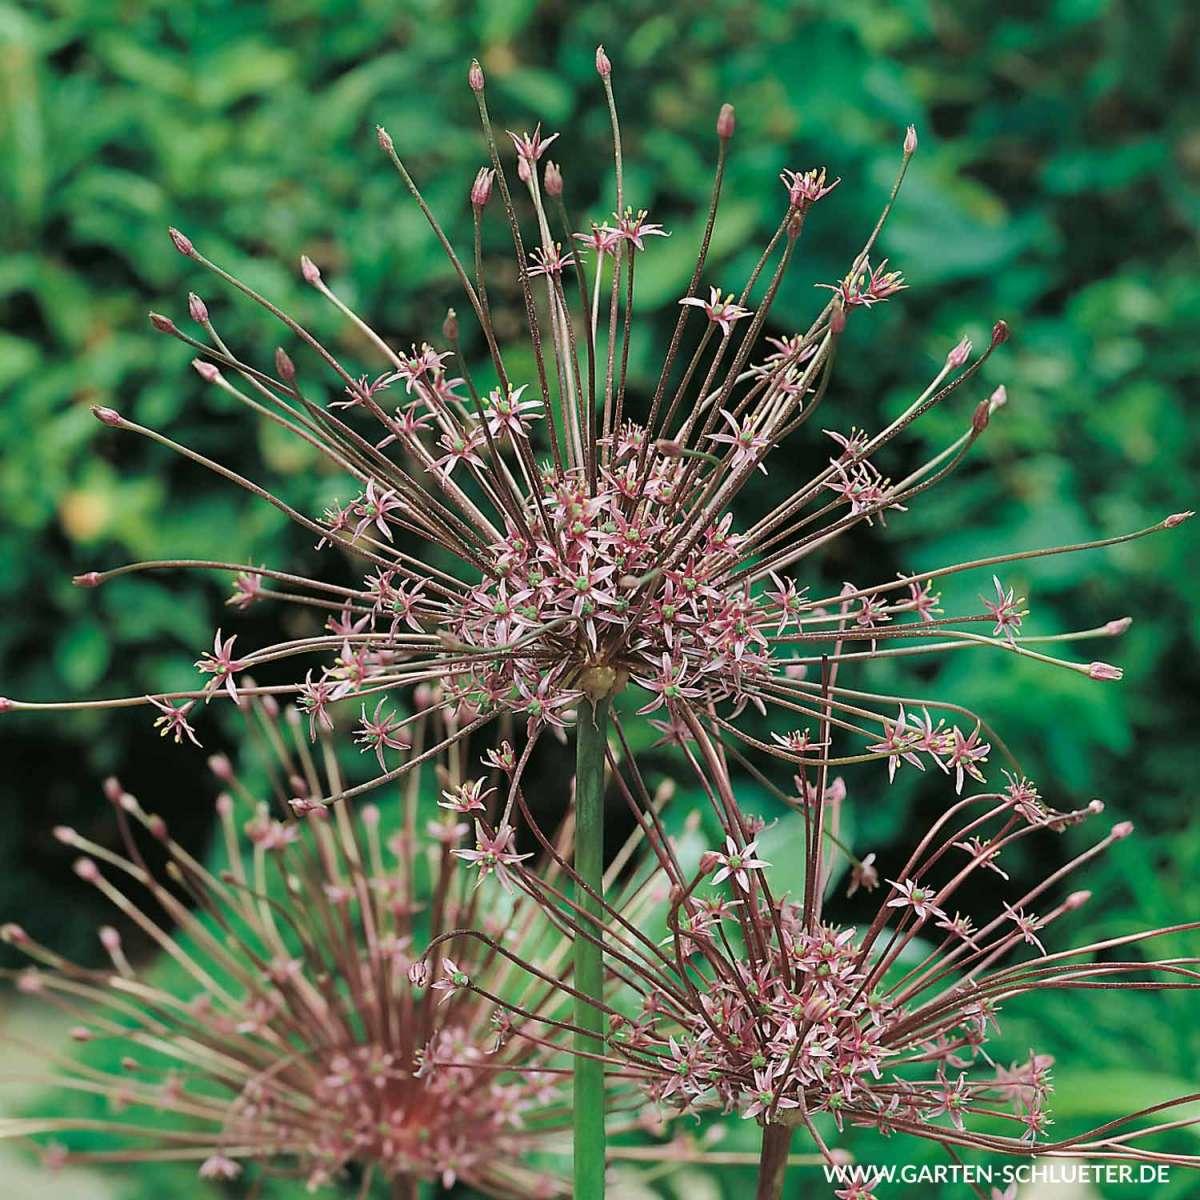 Granat Kugellauch Allium atropurpureum